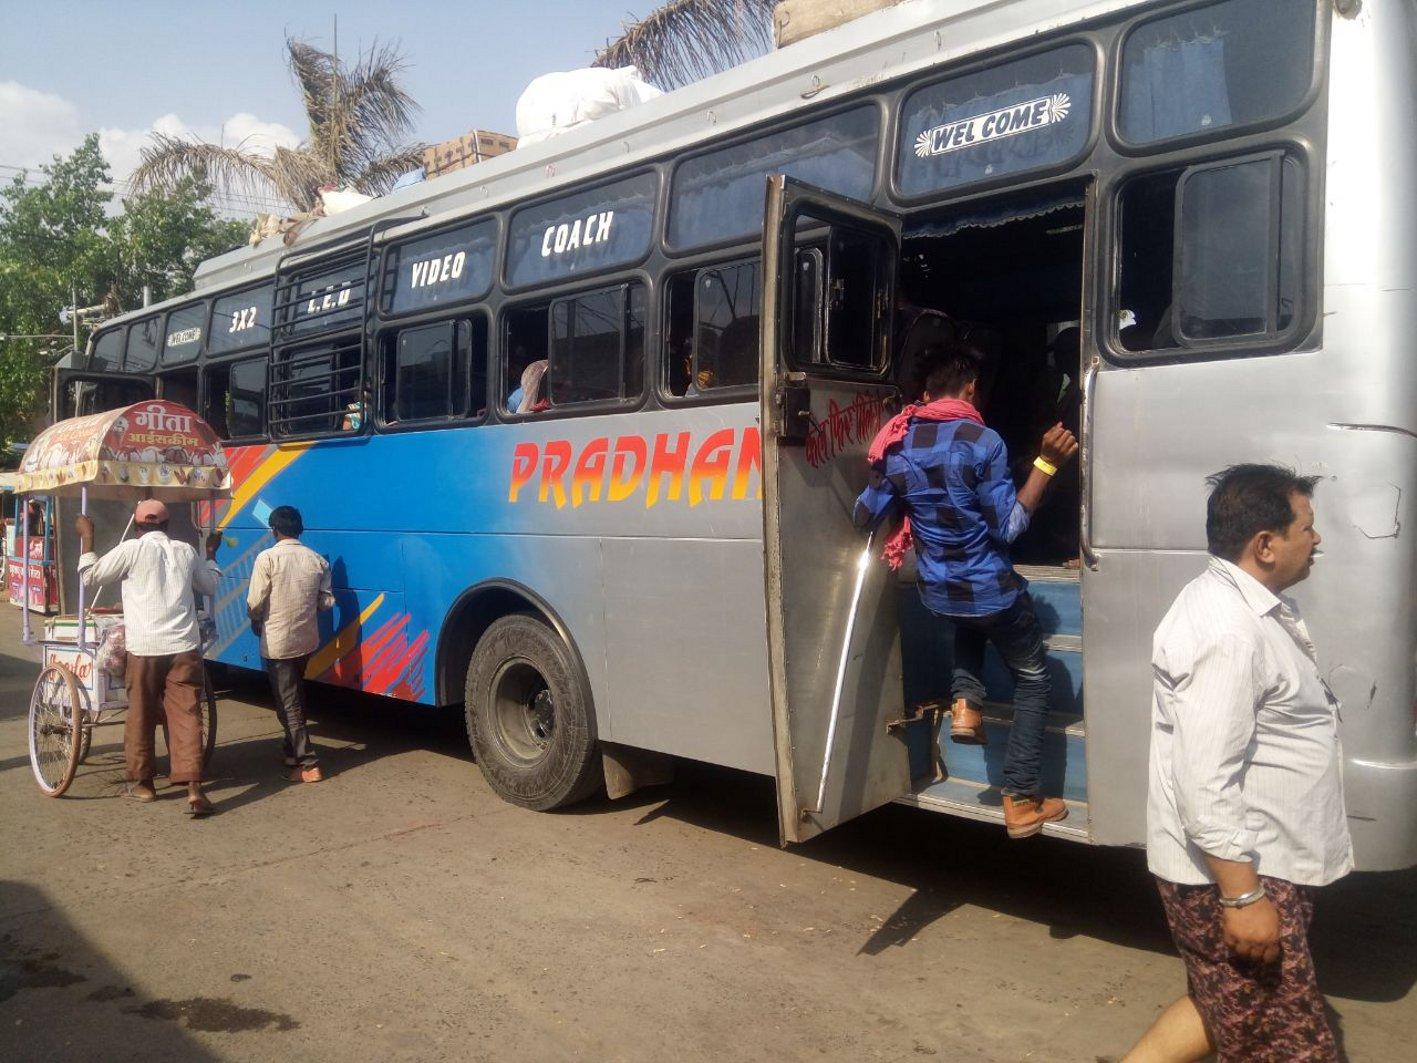 बसों में नहीं है दिव्यांगों के लिए रैंप की व्यवस्था